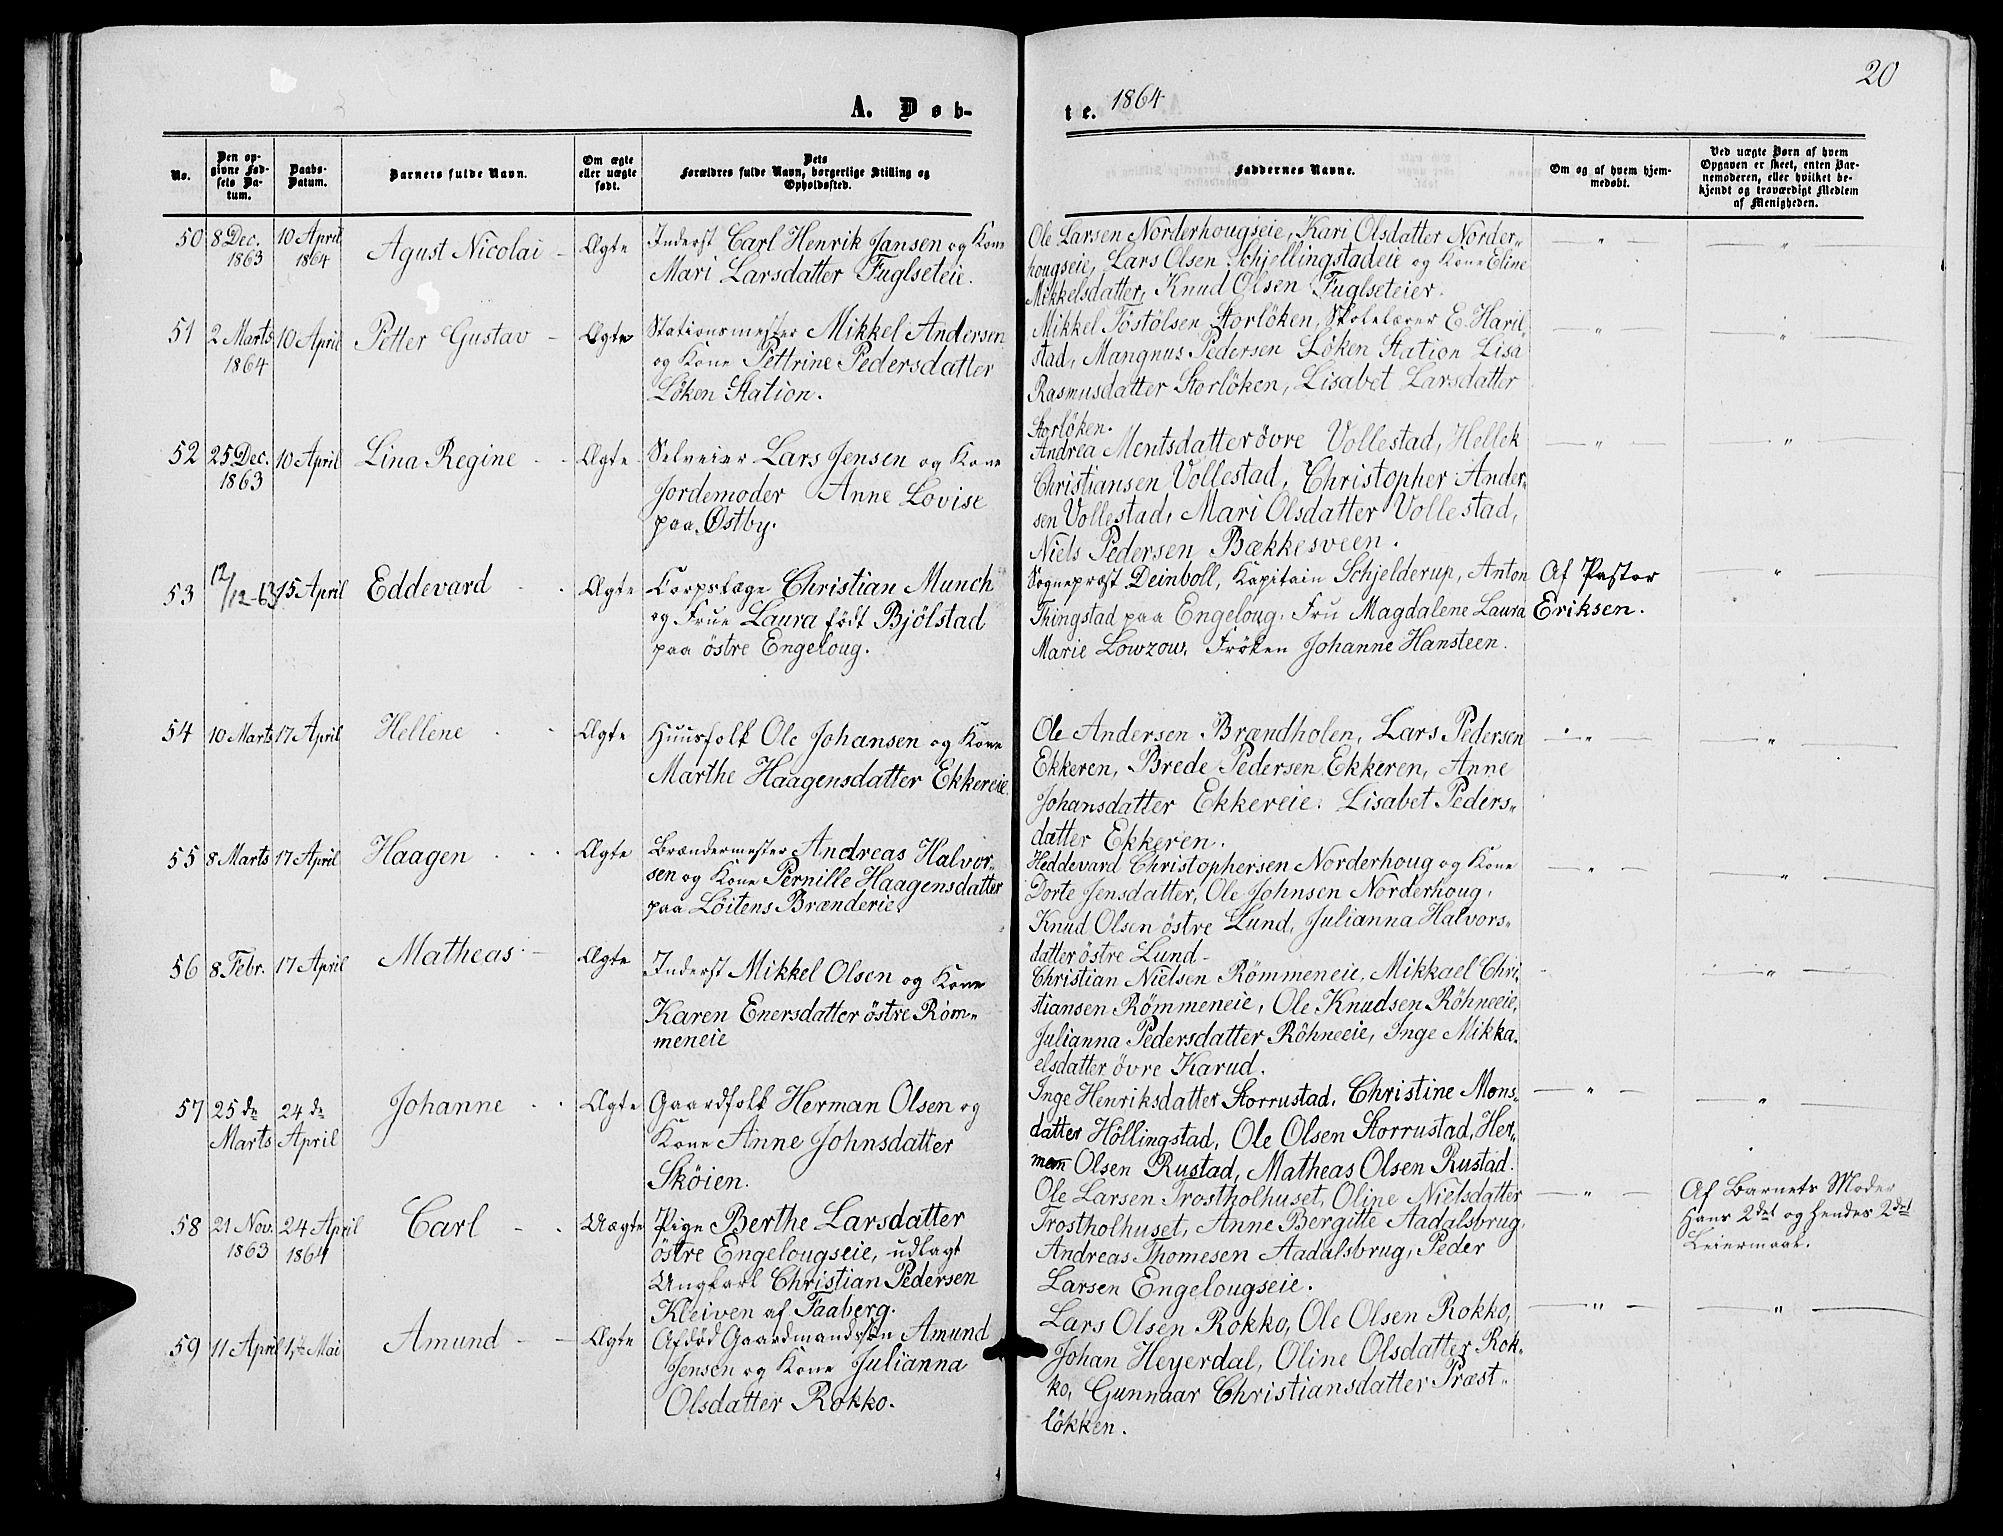 SAH, Løten prestekontor, L/La/L0004: Klokkerbok nr. 4, 1863-1877, s. 20